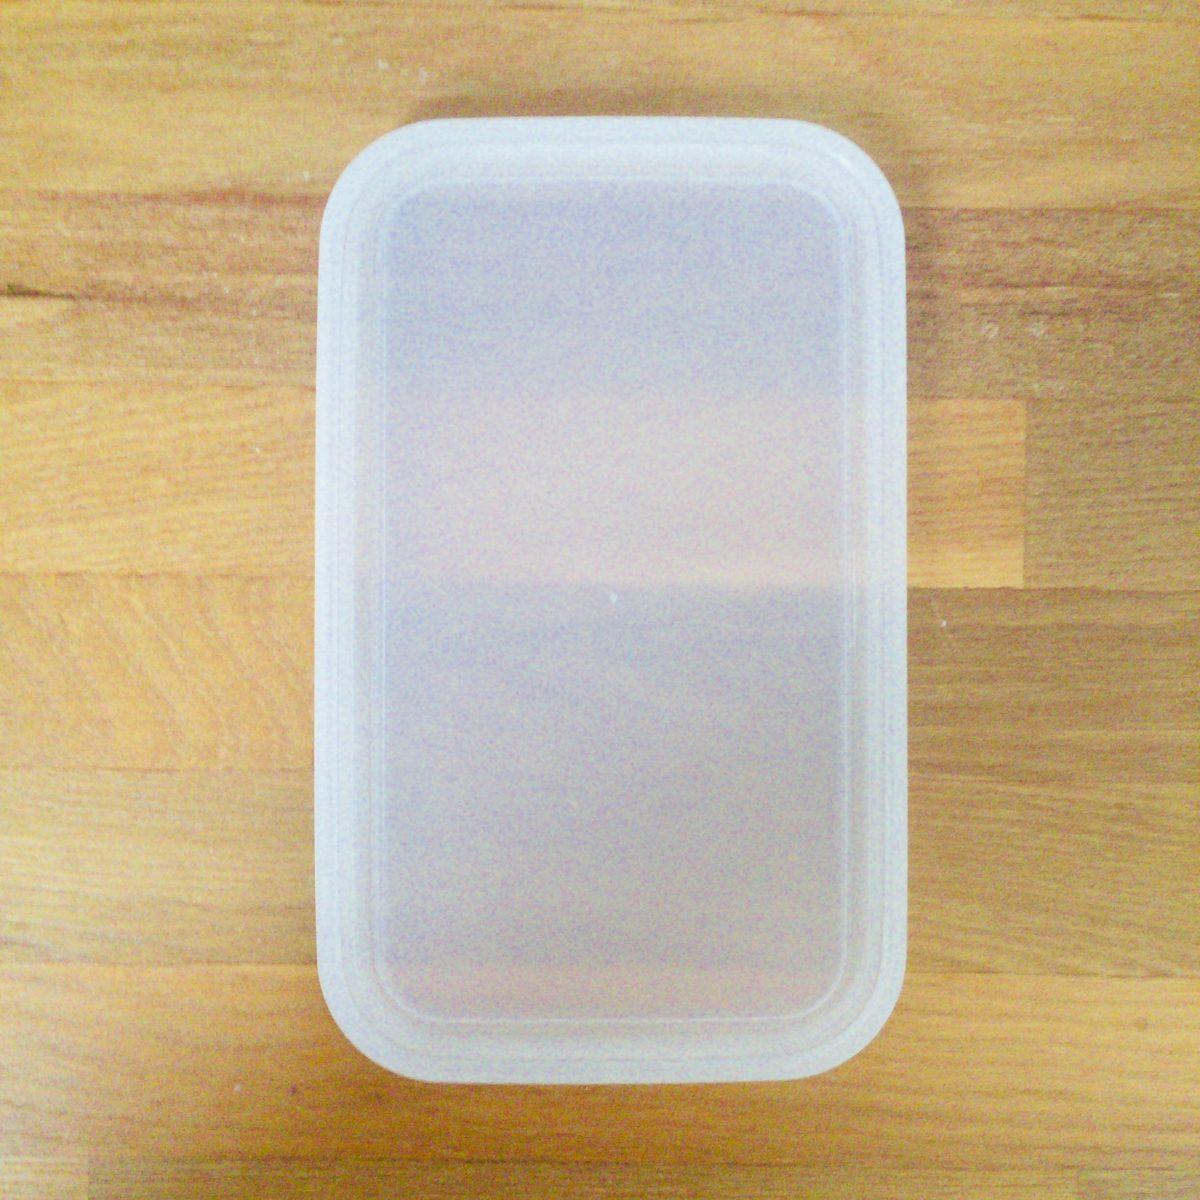 粉もの保存容器のフタ